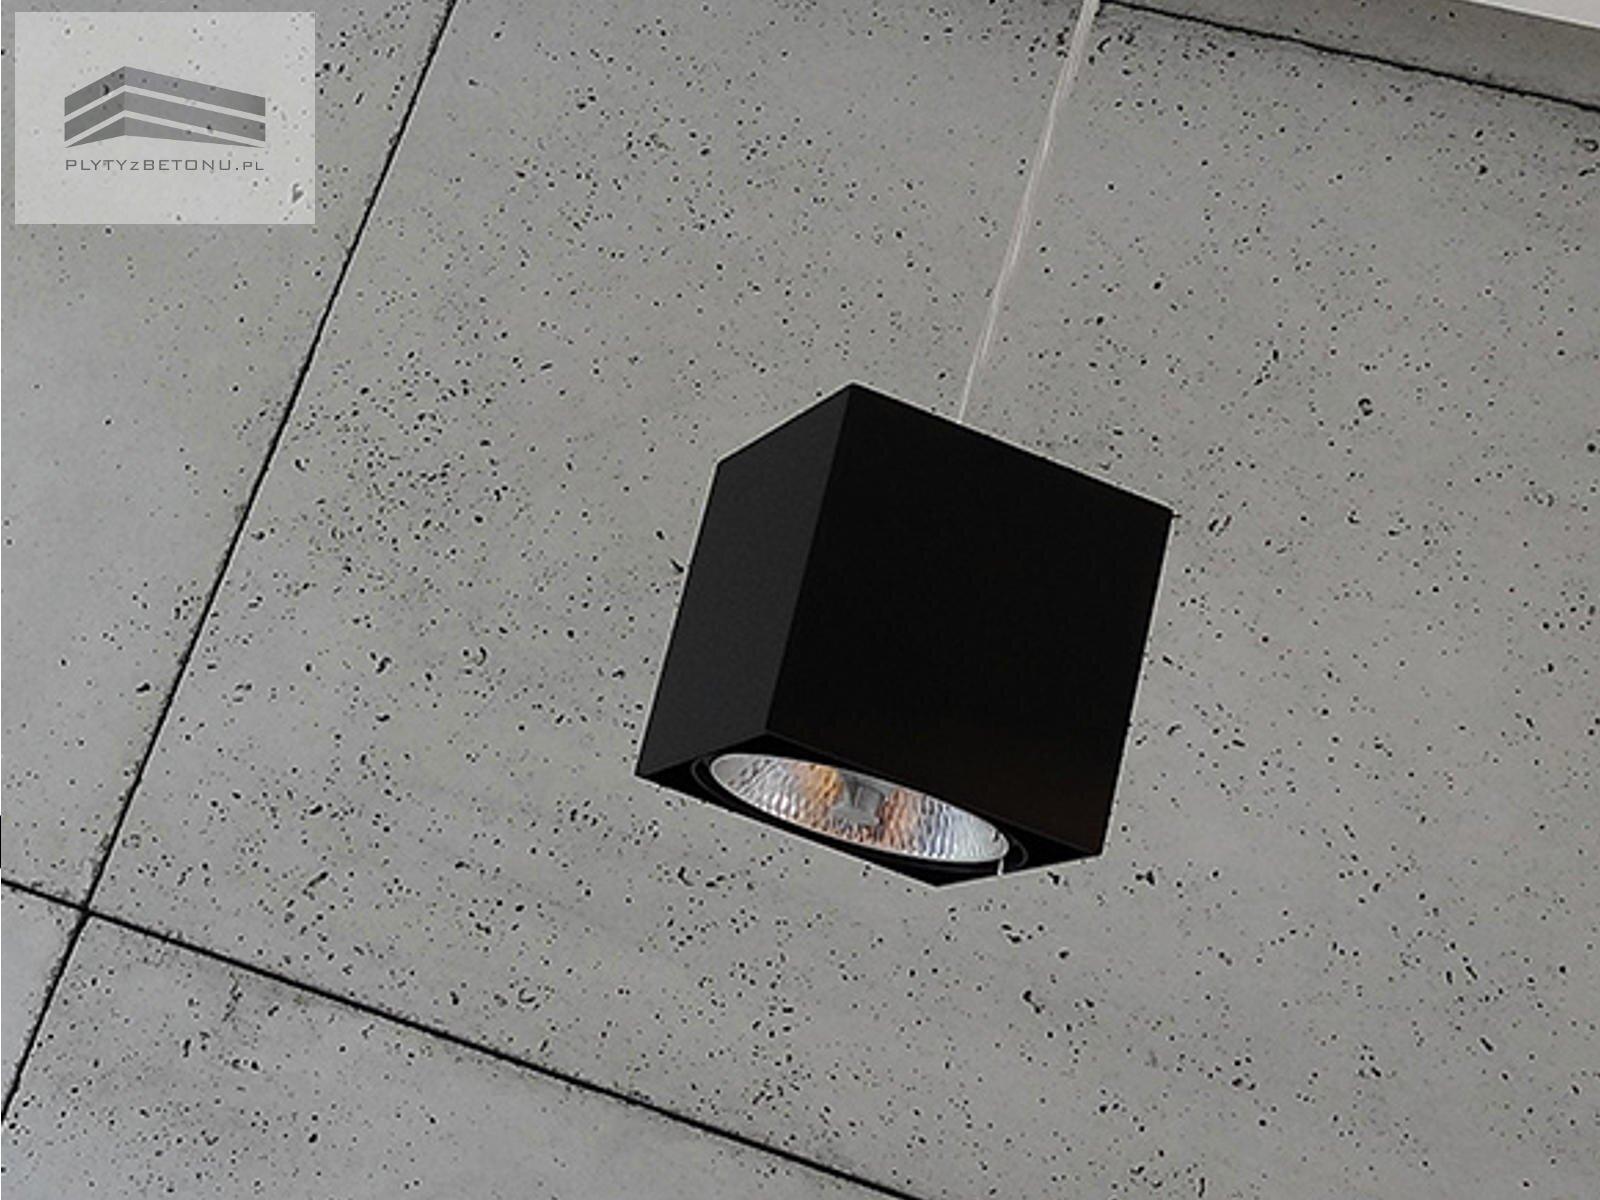 plyty-z-betonu-architektonicznego-lampa